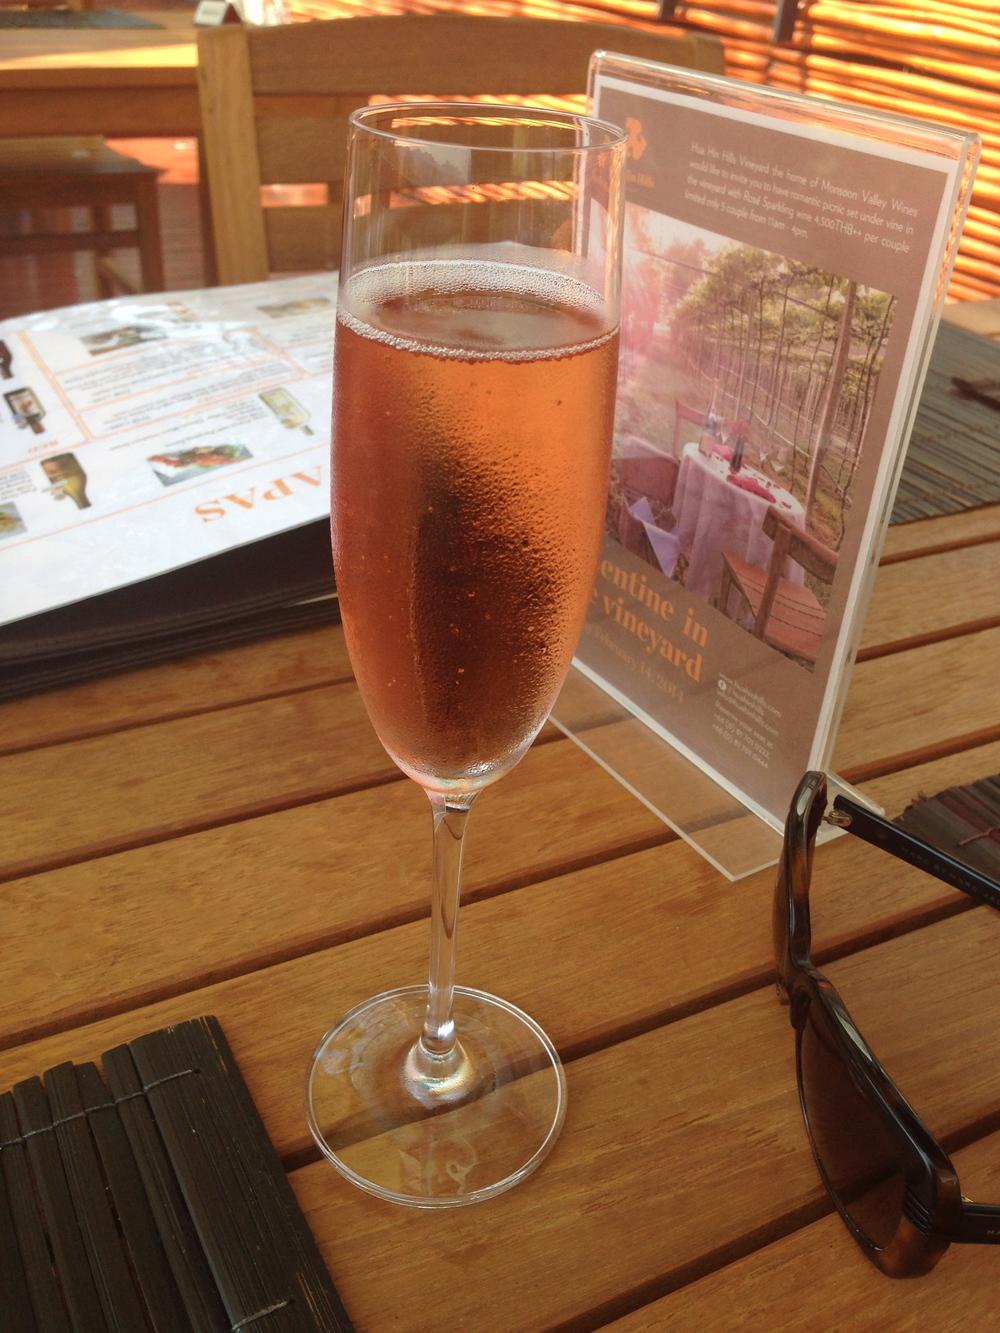 Yummy bubbles | Hua Hin, Thailand | February 2014